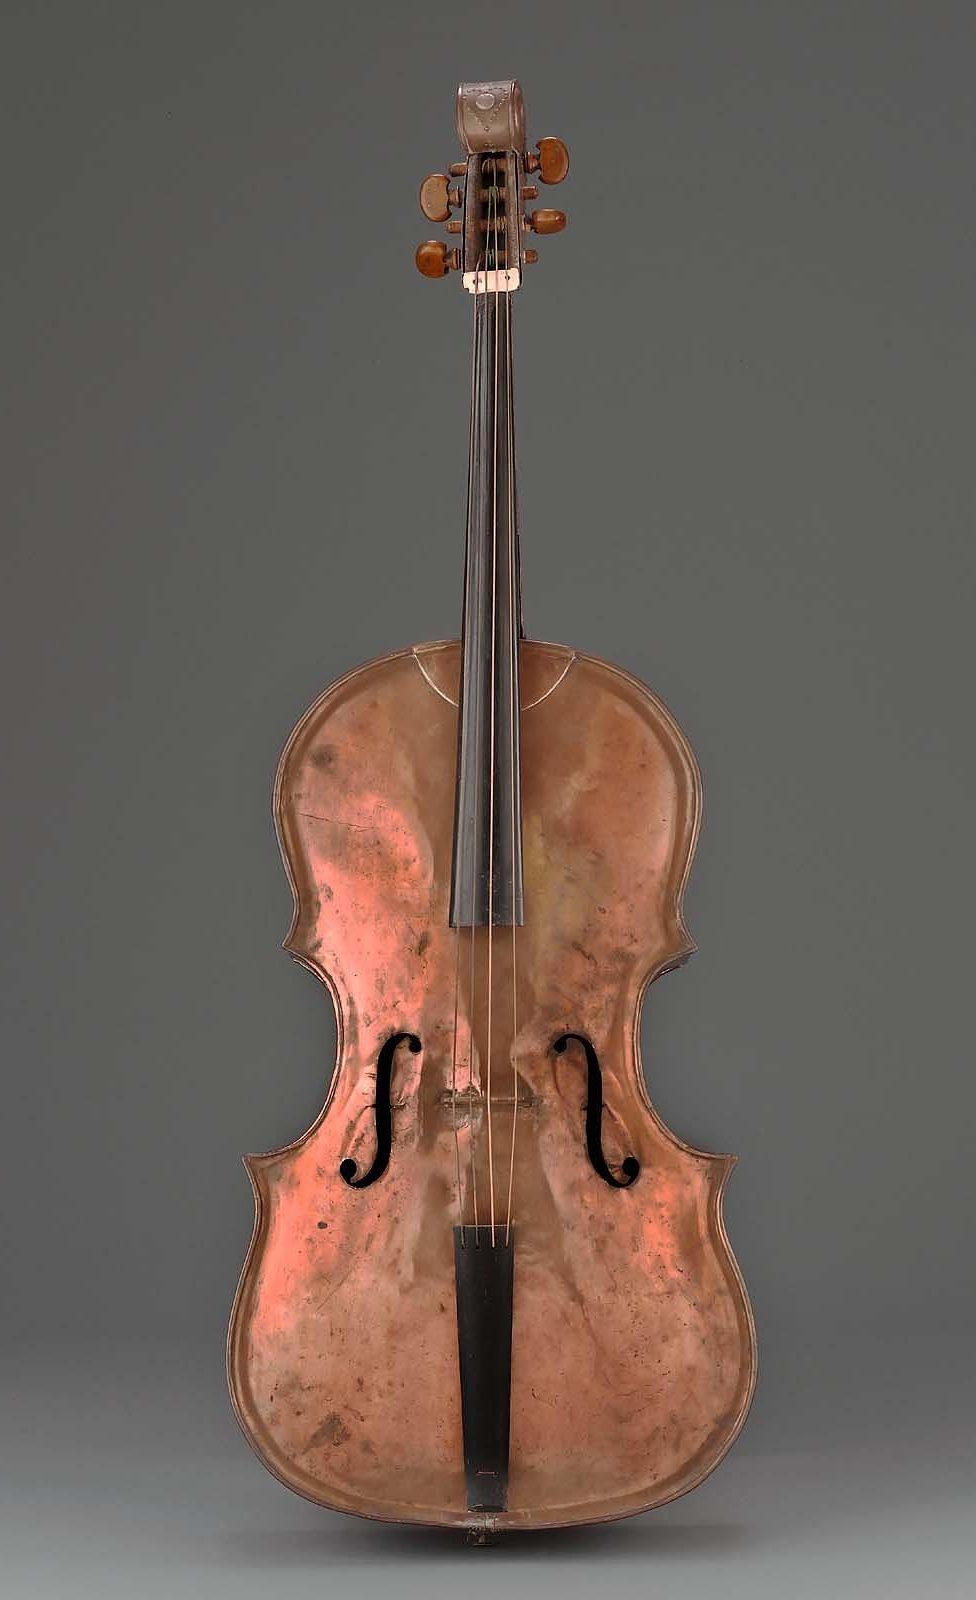 Copper Cello from Bosham Parish Church. MFA, Boston (18.656)